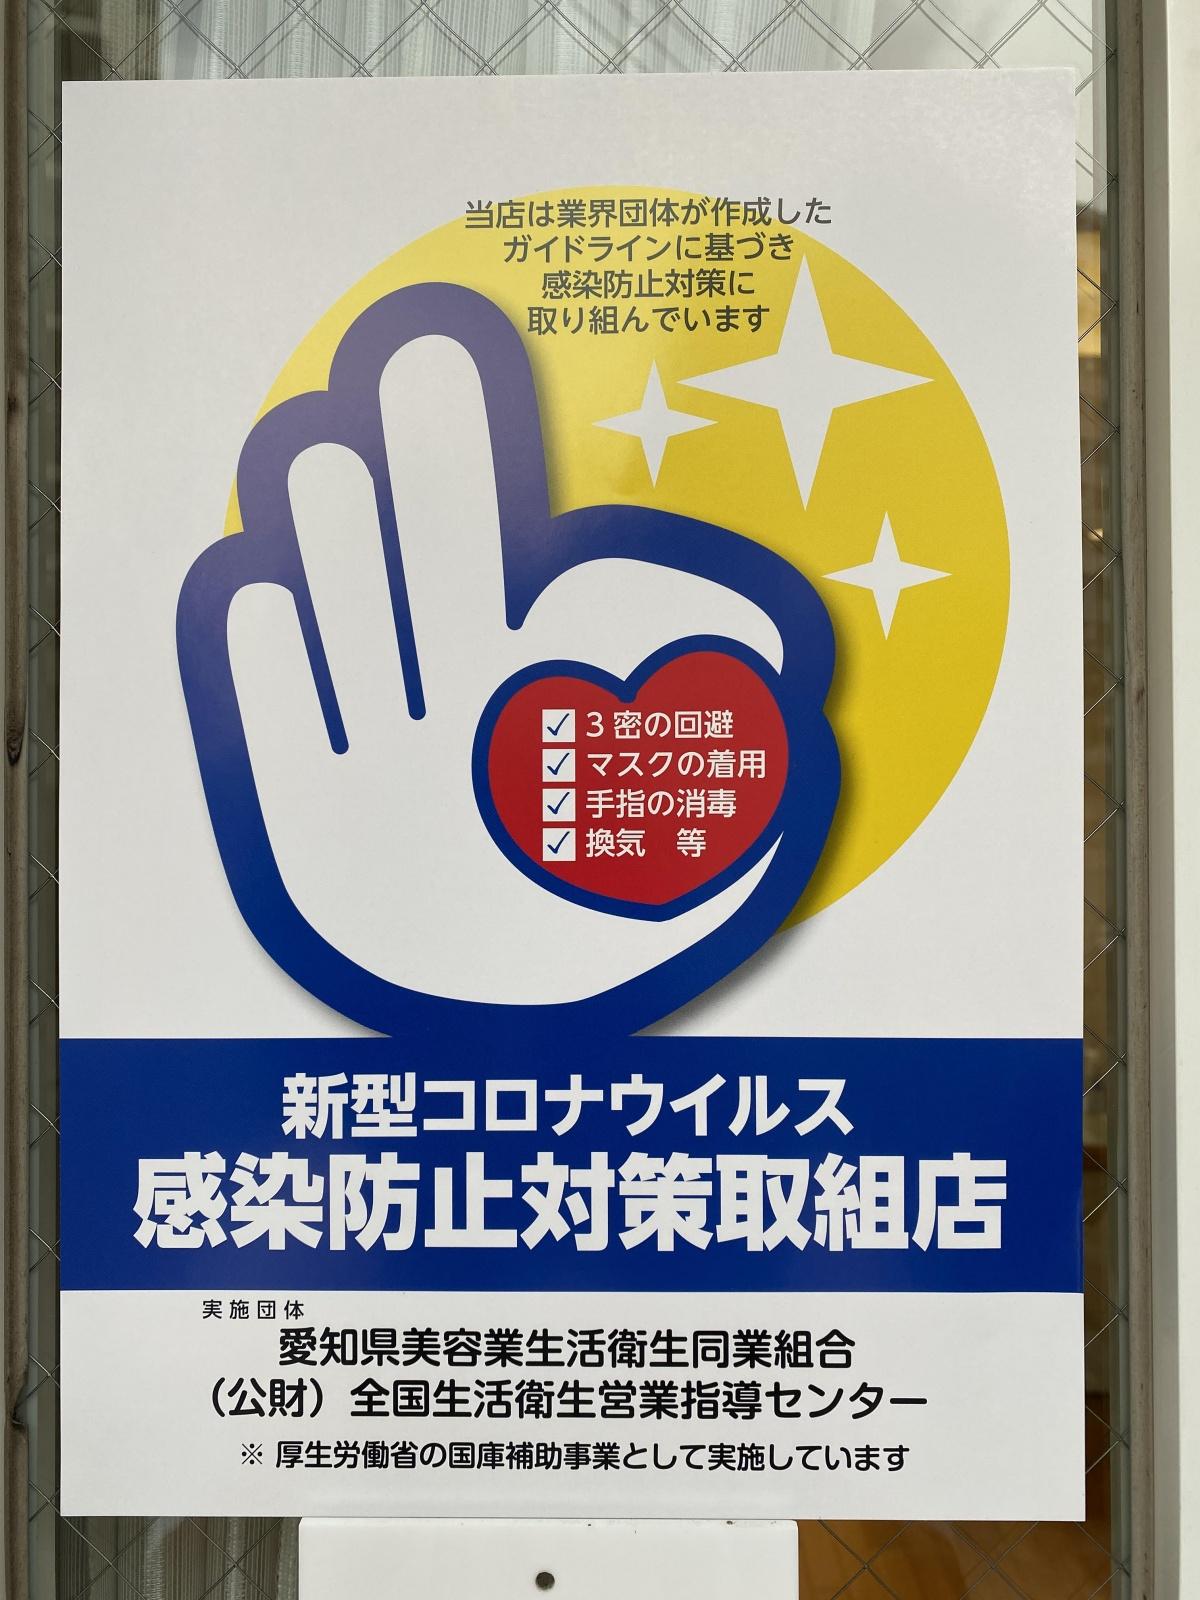 新型コロナウィルス感染予防対策取組店